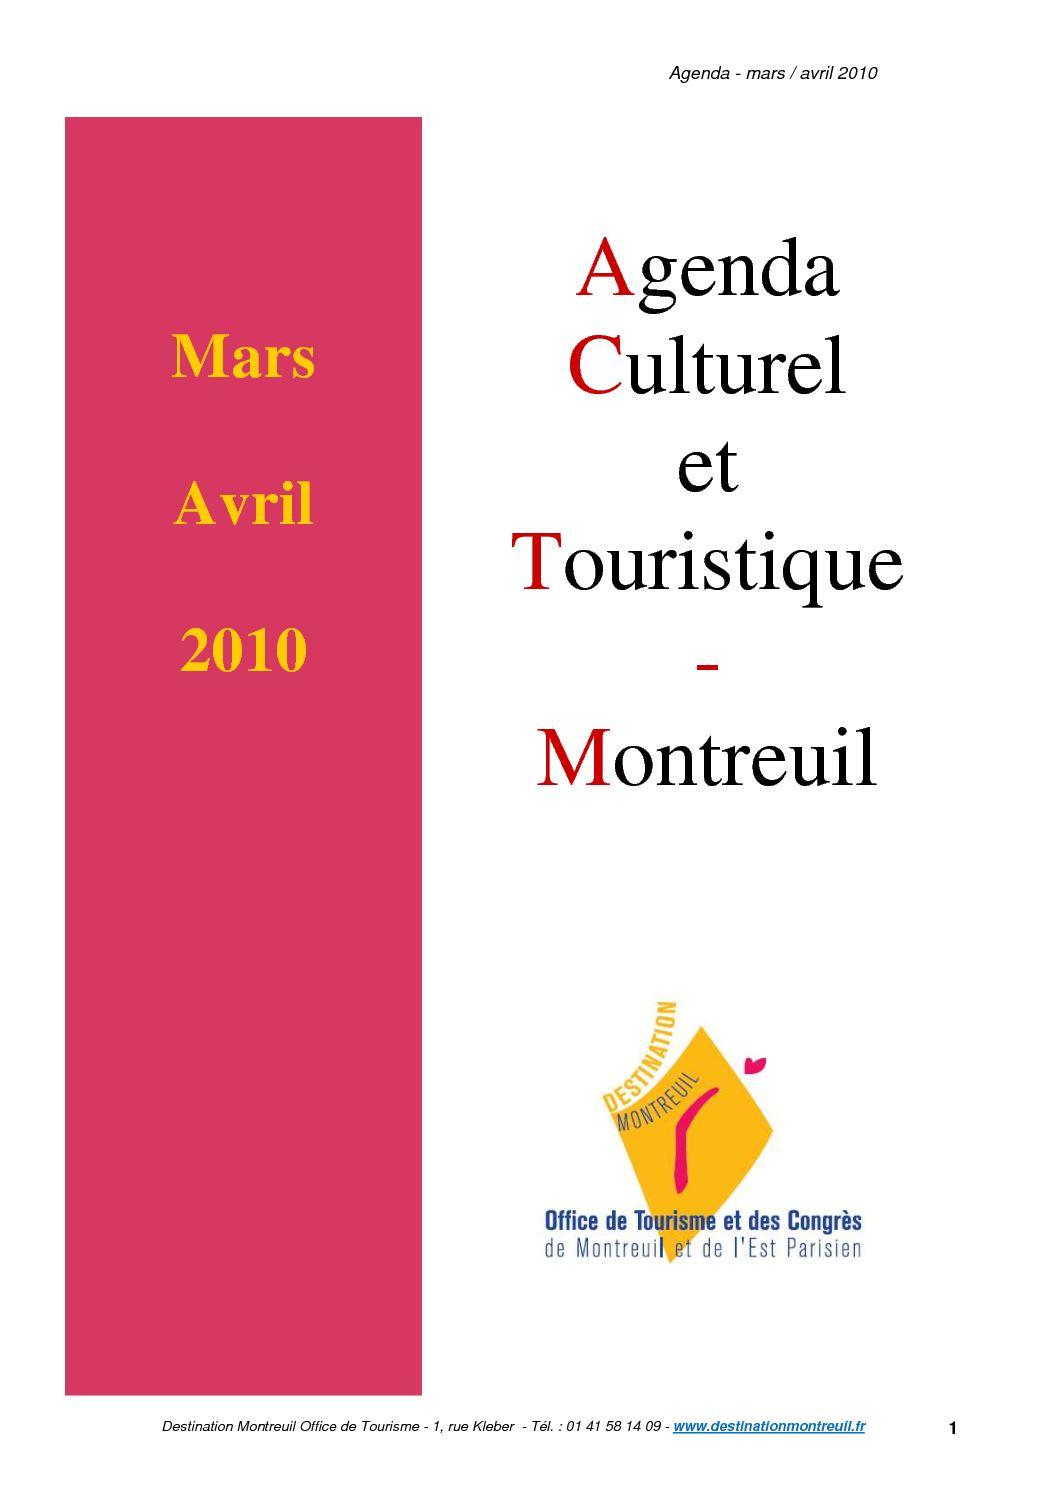 Calam o agenda culturel et touristique de montreuil mars avril 2010 - Office de tourisme montreuil ...